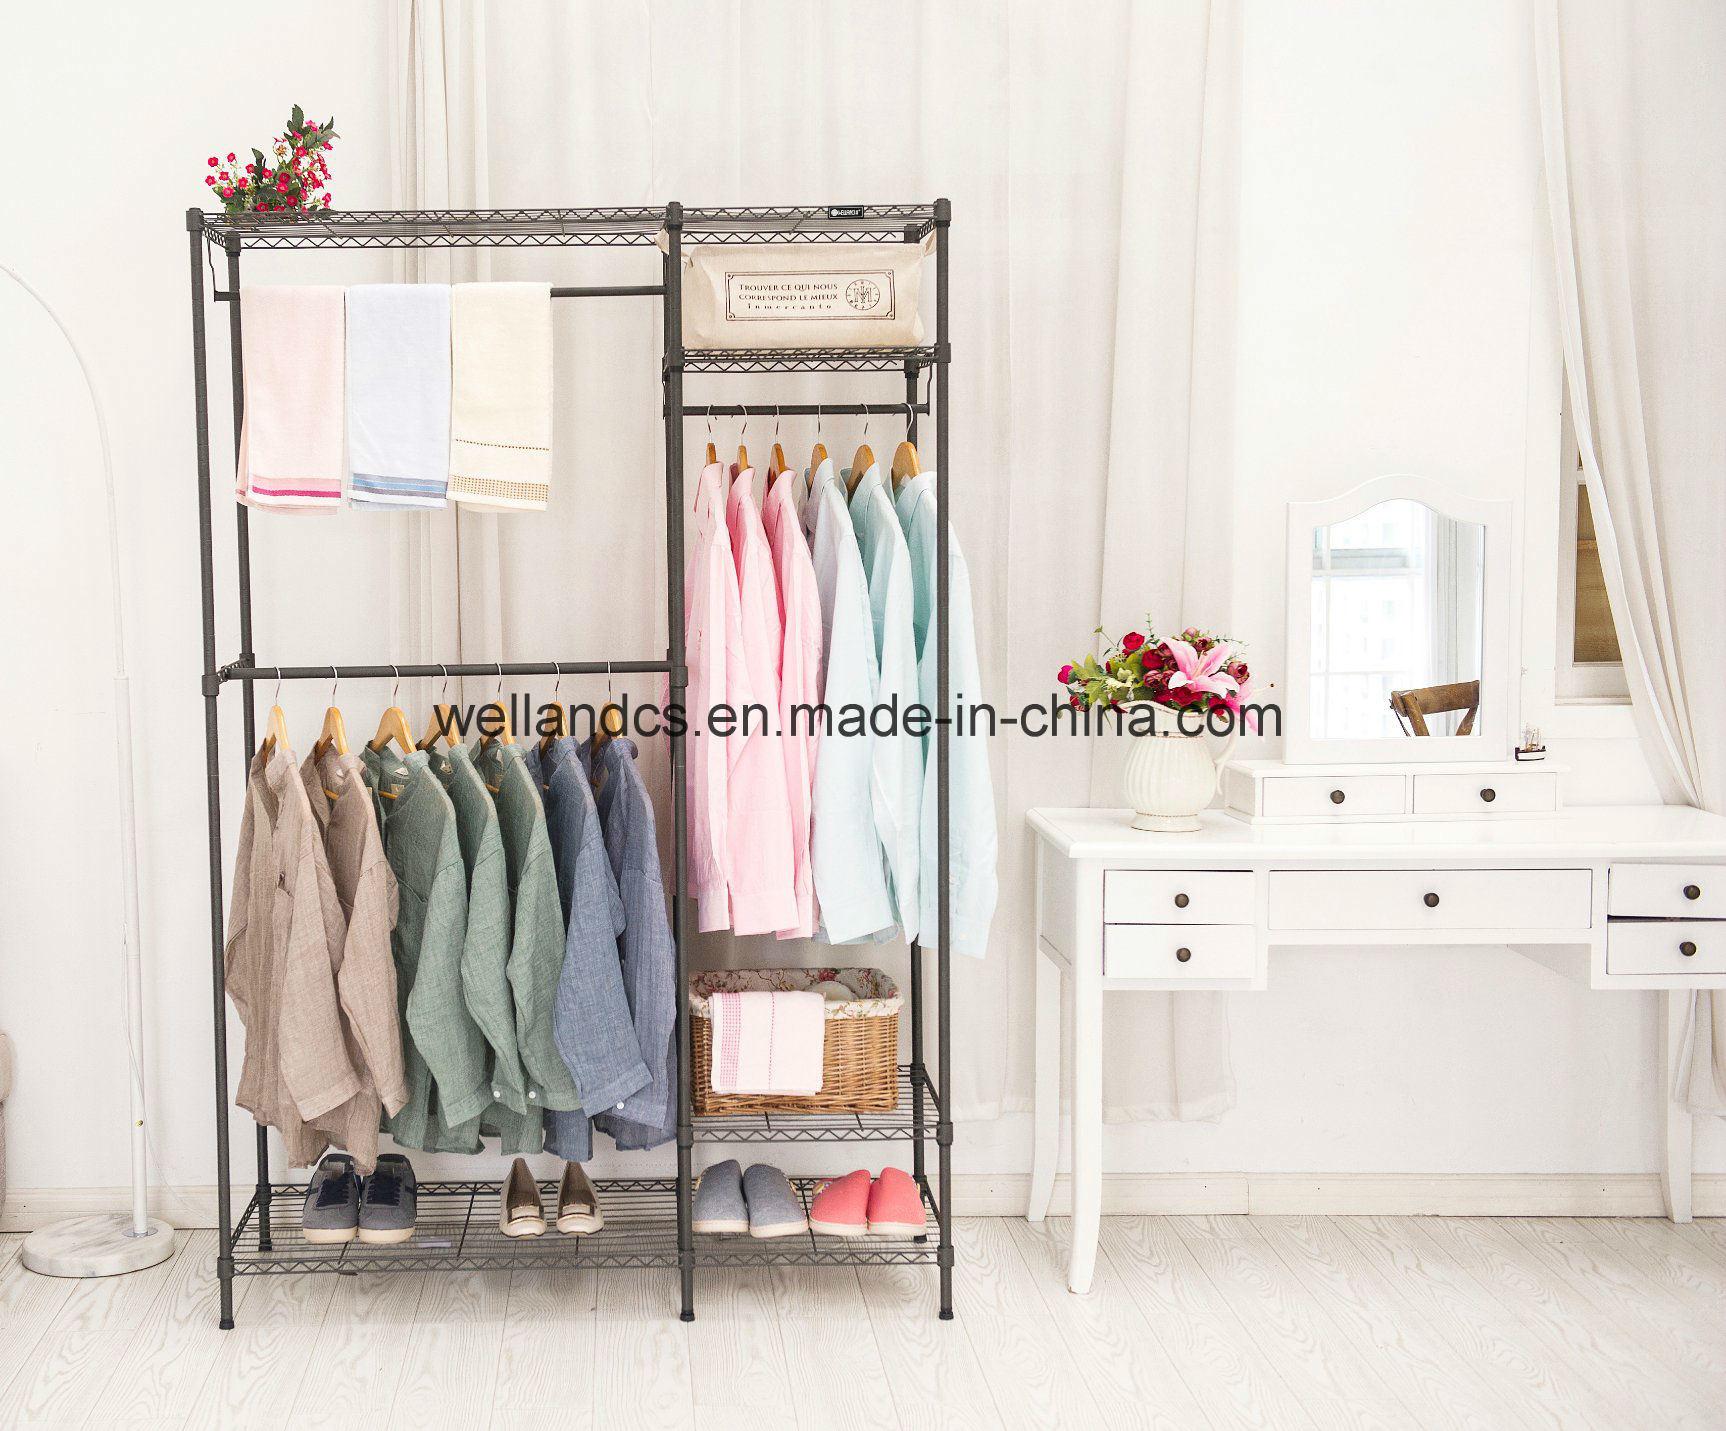 China Portable Non Woven Canvas Diy Cloth Wardrobe Storage 4 Shelves